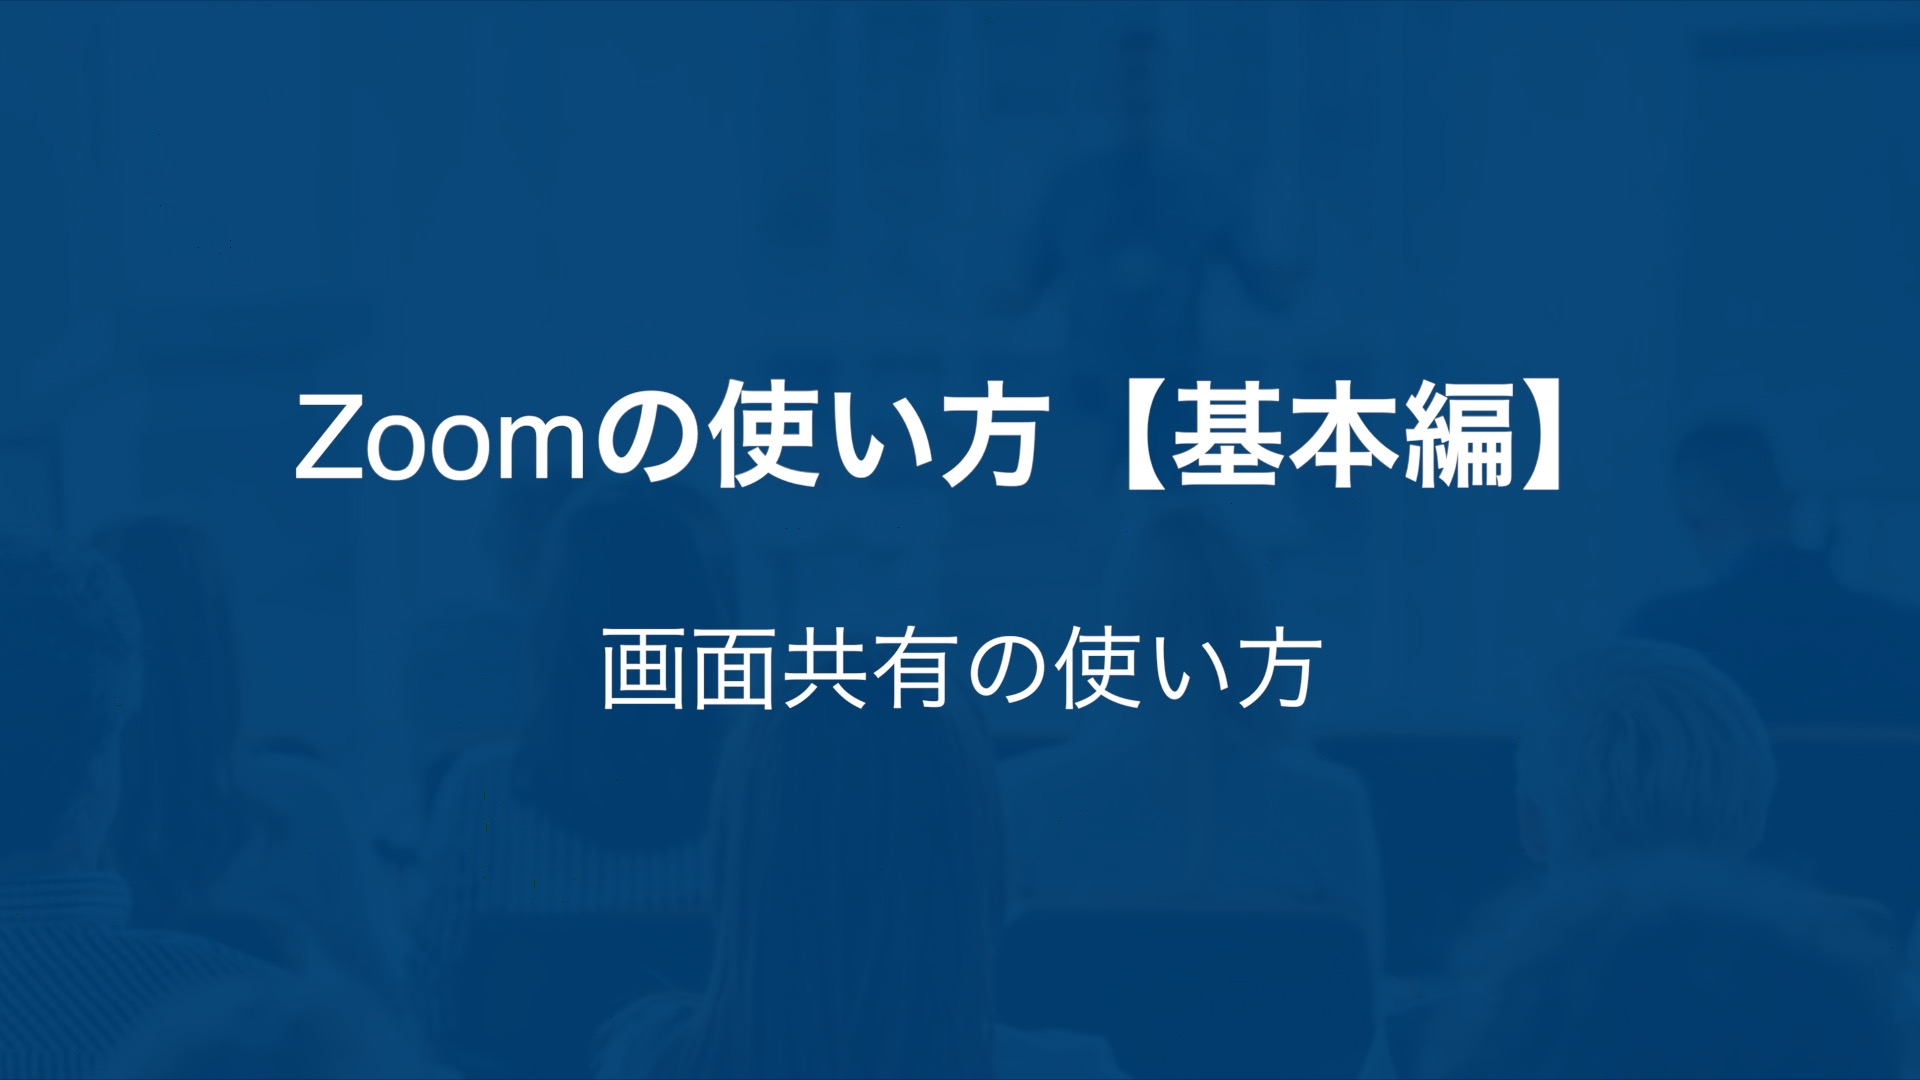 共有 Zoom 操作 画面